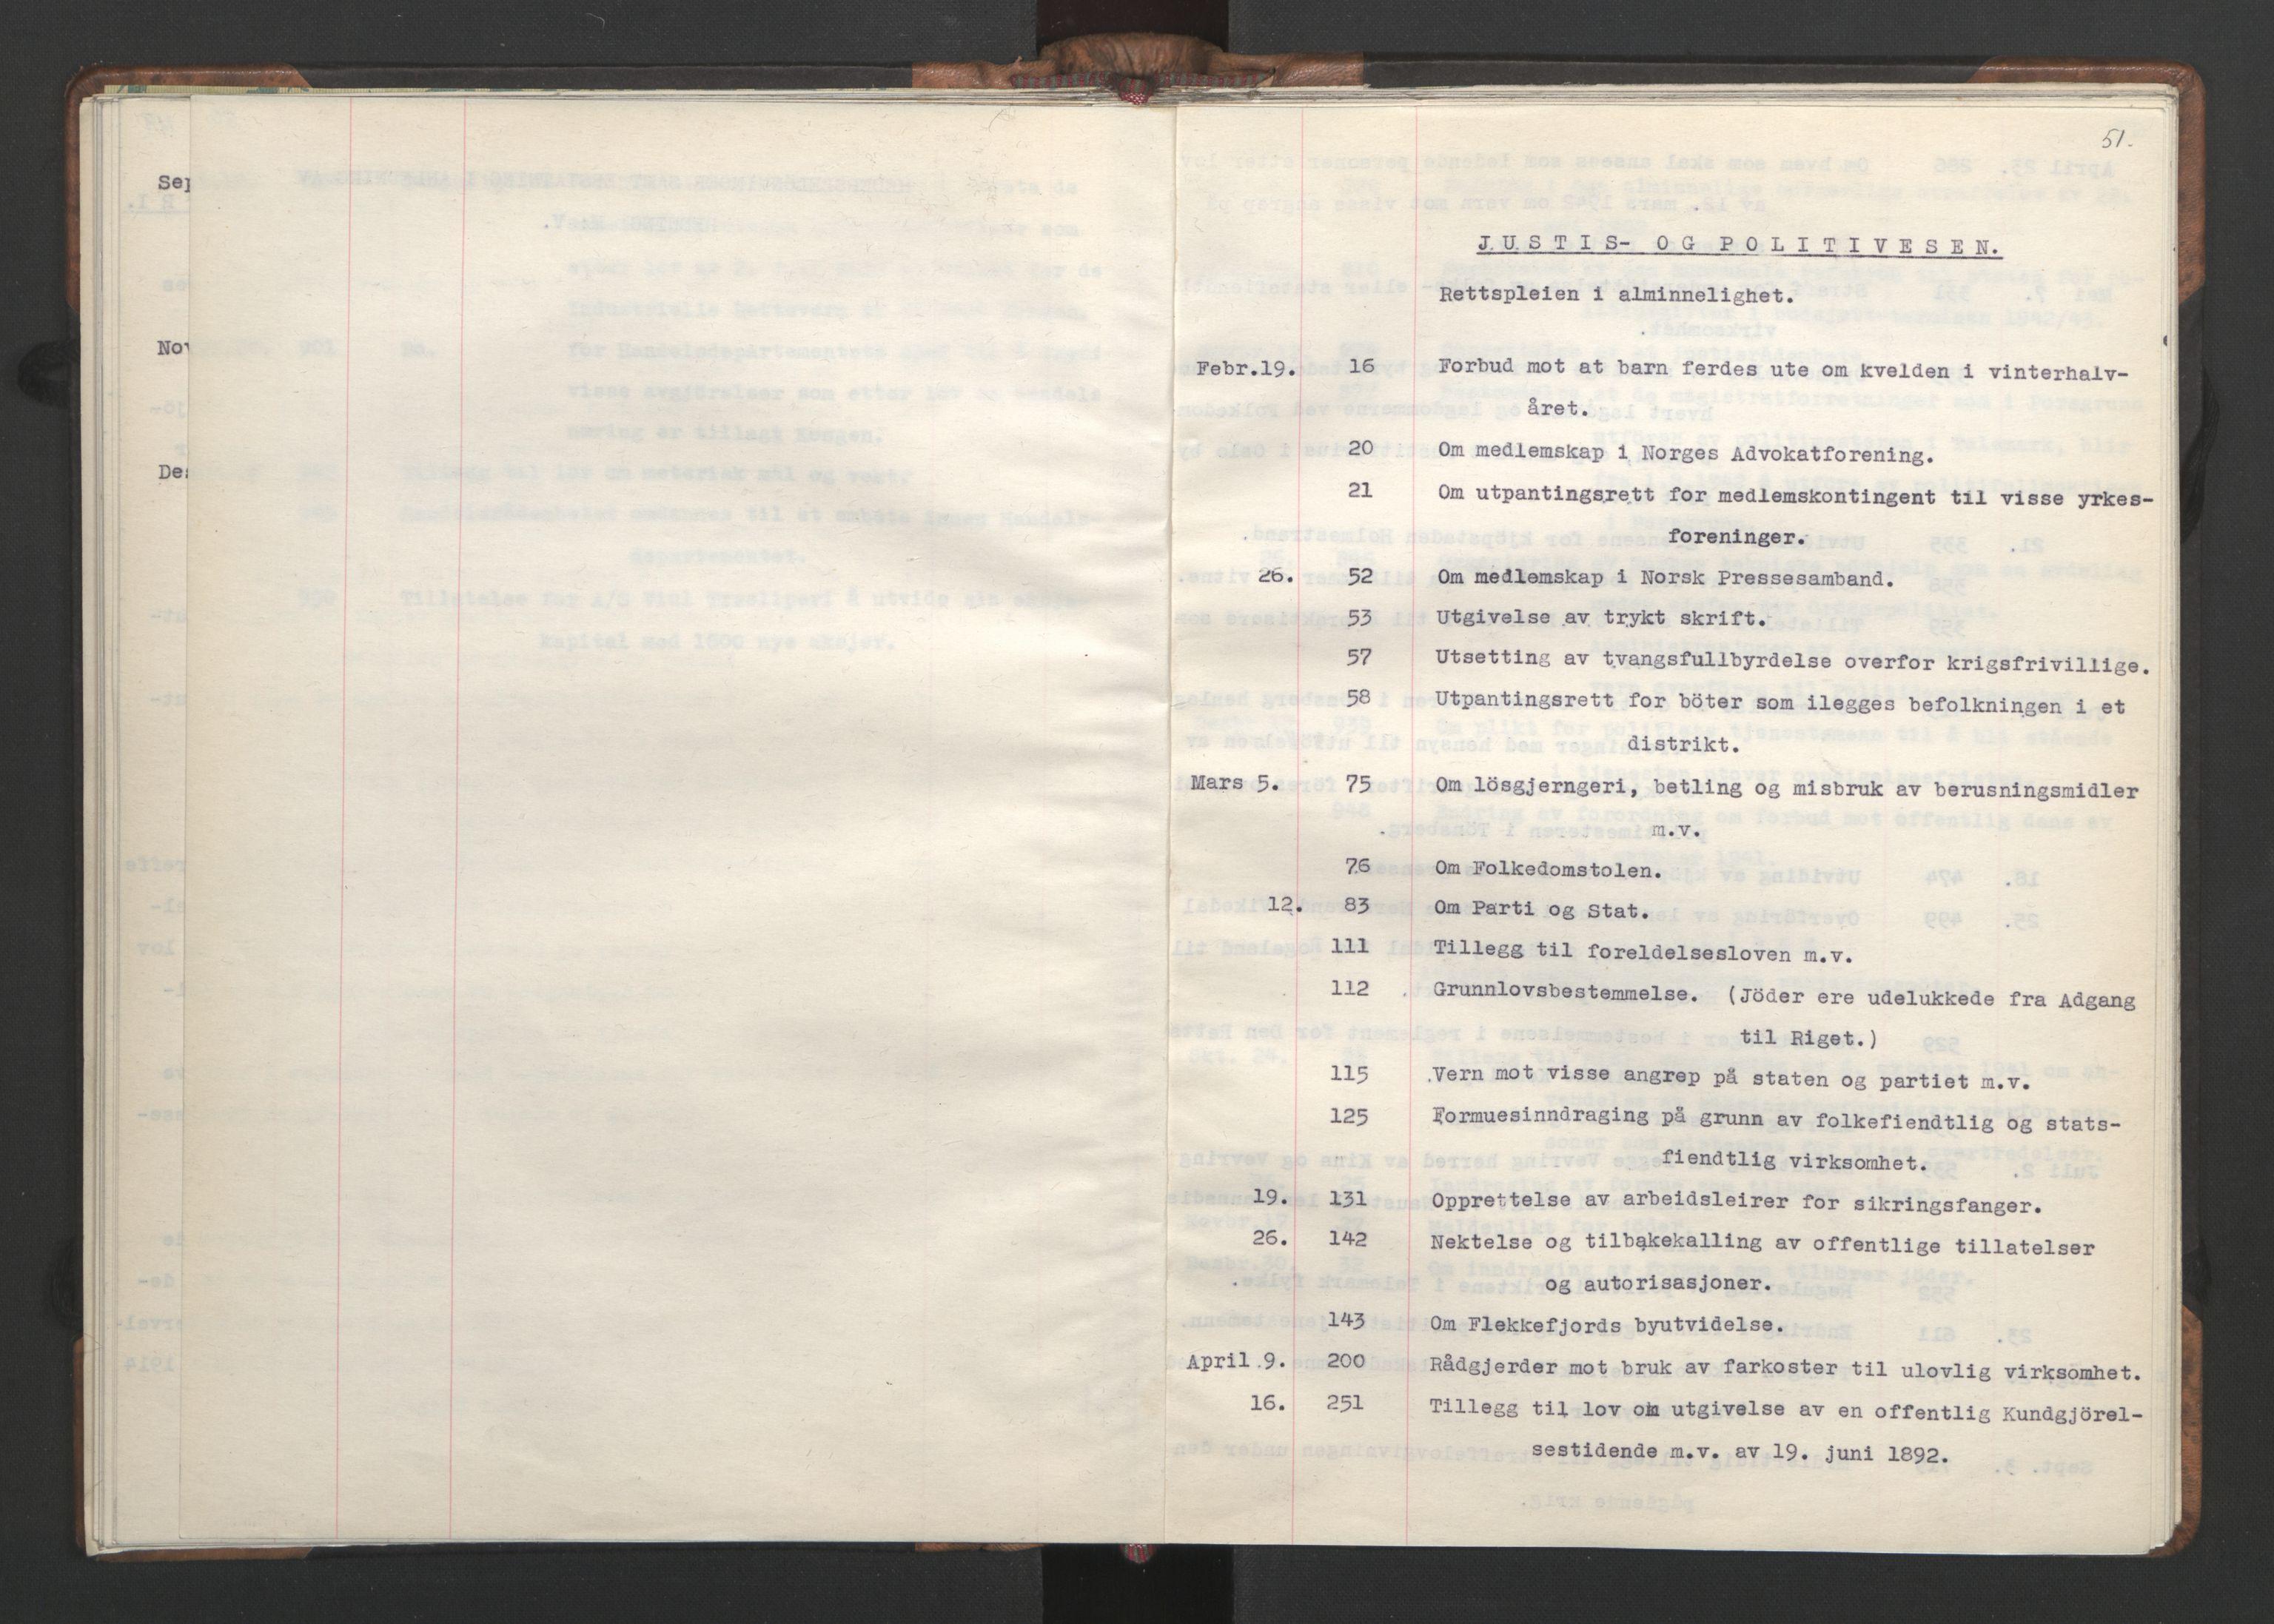 RA, NS-administrasjonen 1940-1945 (Statsrådsekretariatet, de kommisariske statsråder mm), D/Da/L0002: Register (RA j.nr. 985/1943, tilgangsnr. 17/1943), 1942, s. 50b-51a